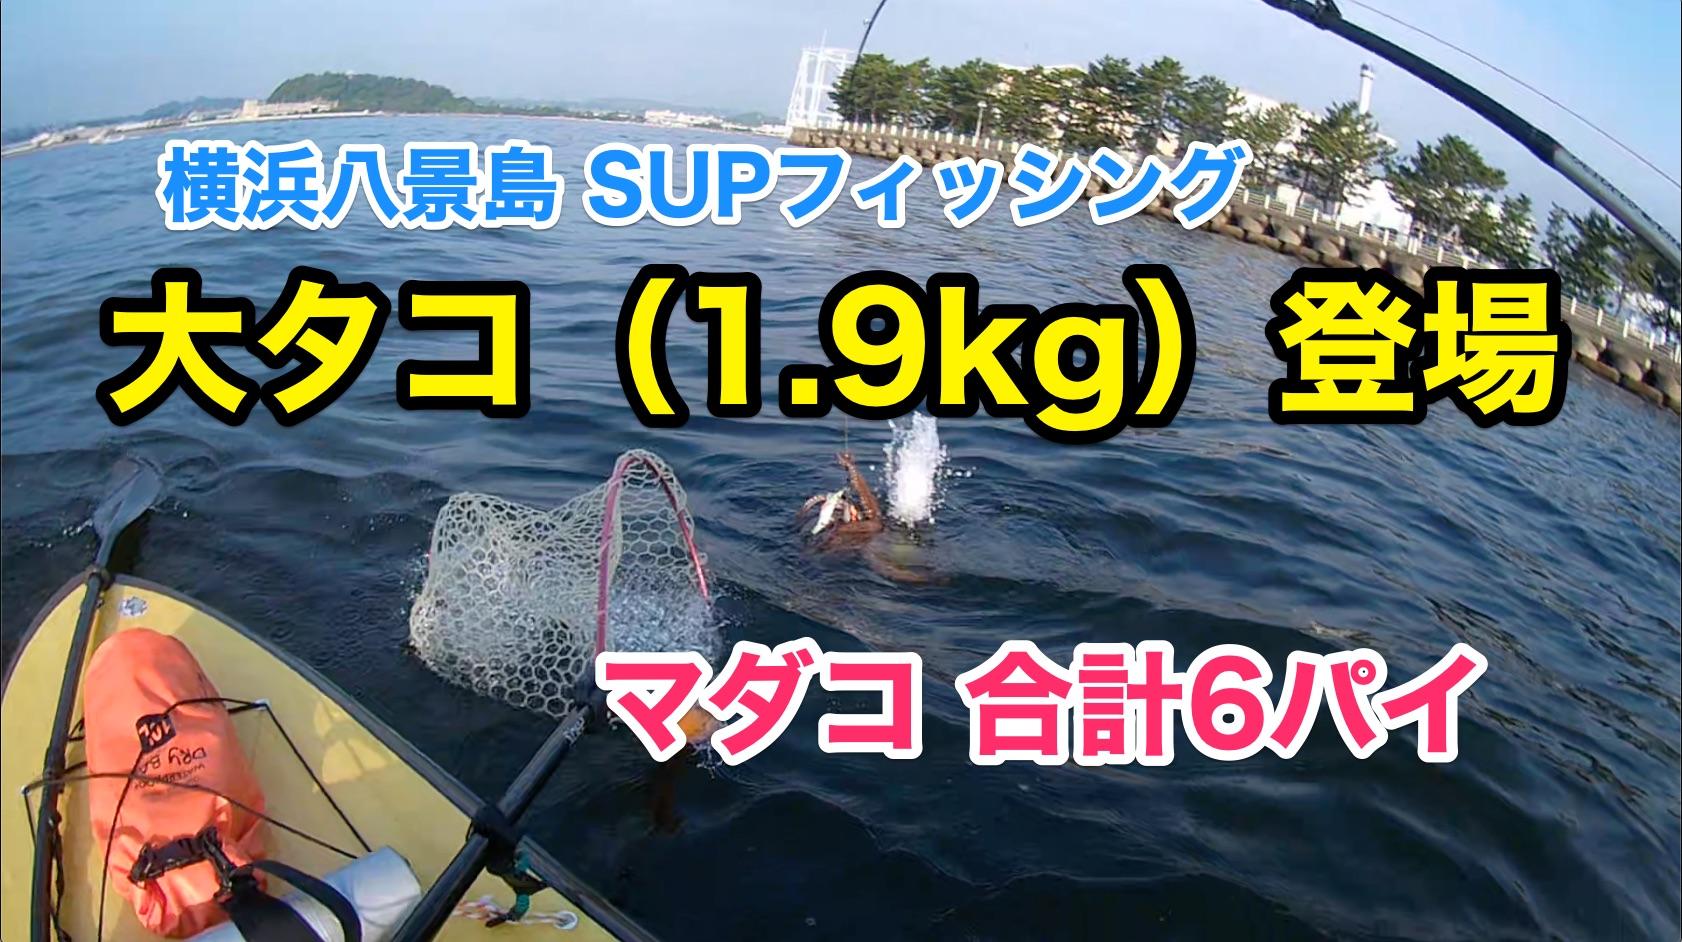 【大タコ1.9kg】SUPフィッシング@横浜八景島20210711